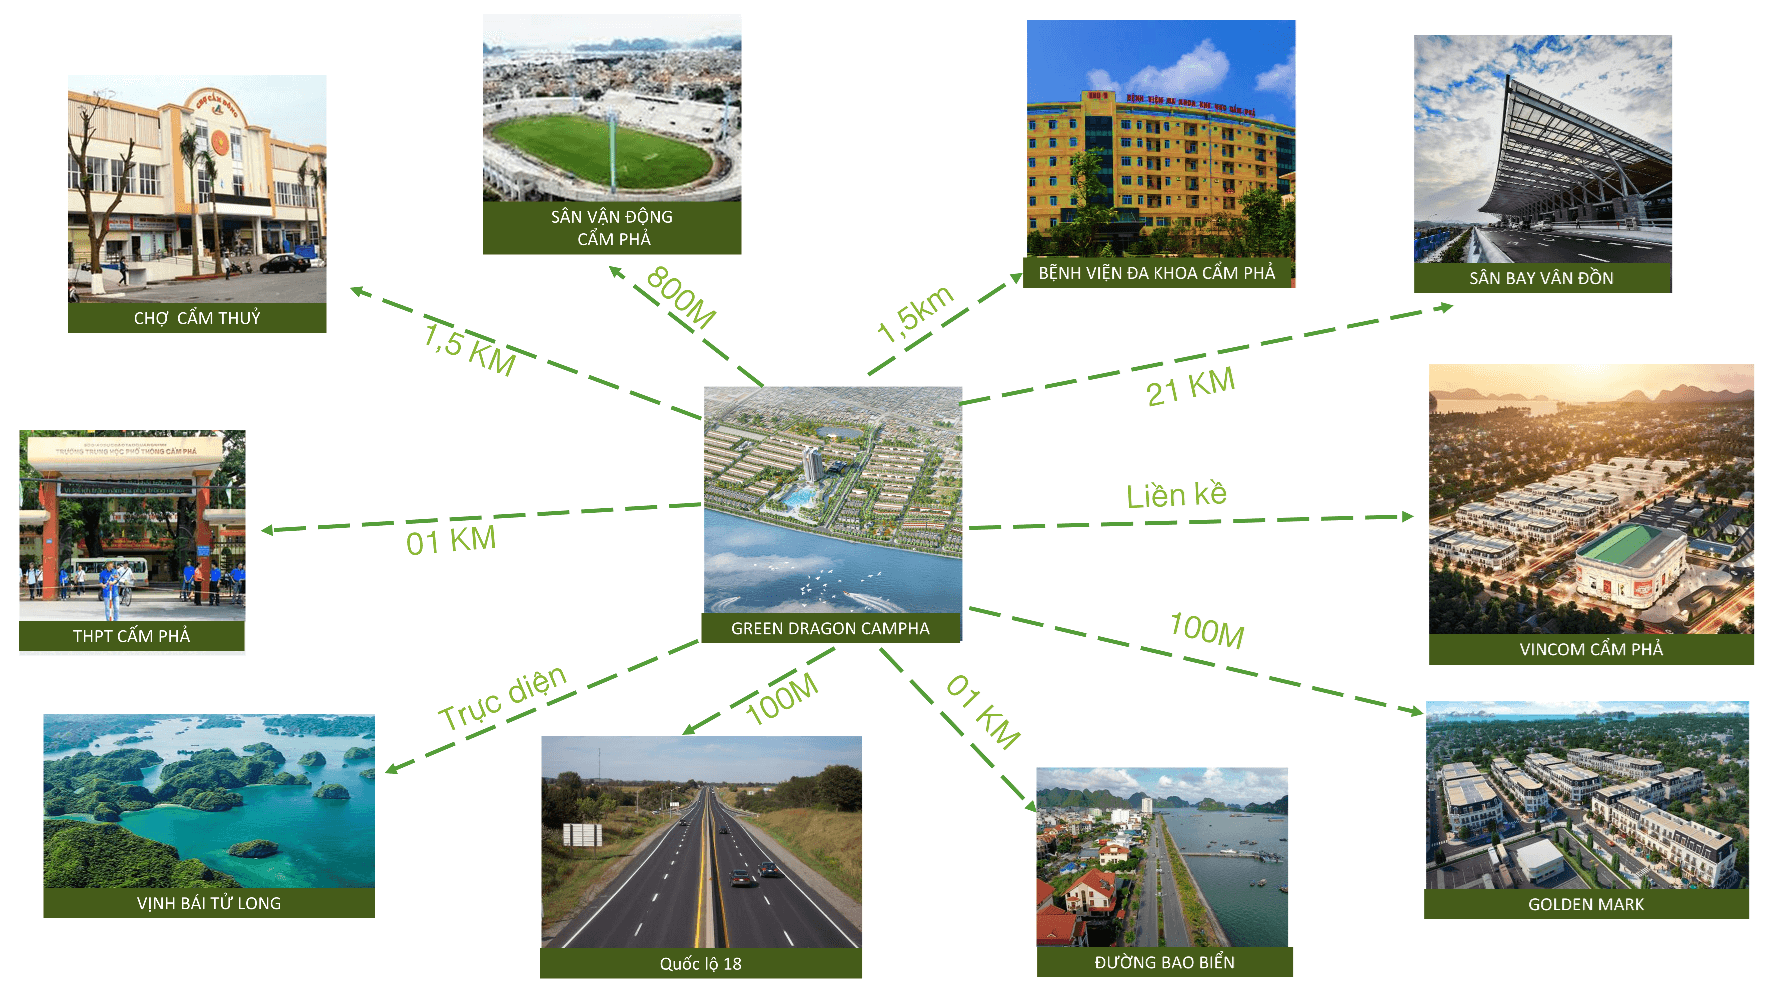 liên kết vùng dự án green dragon city cẩm phả